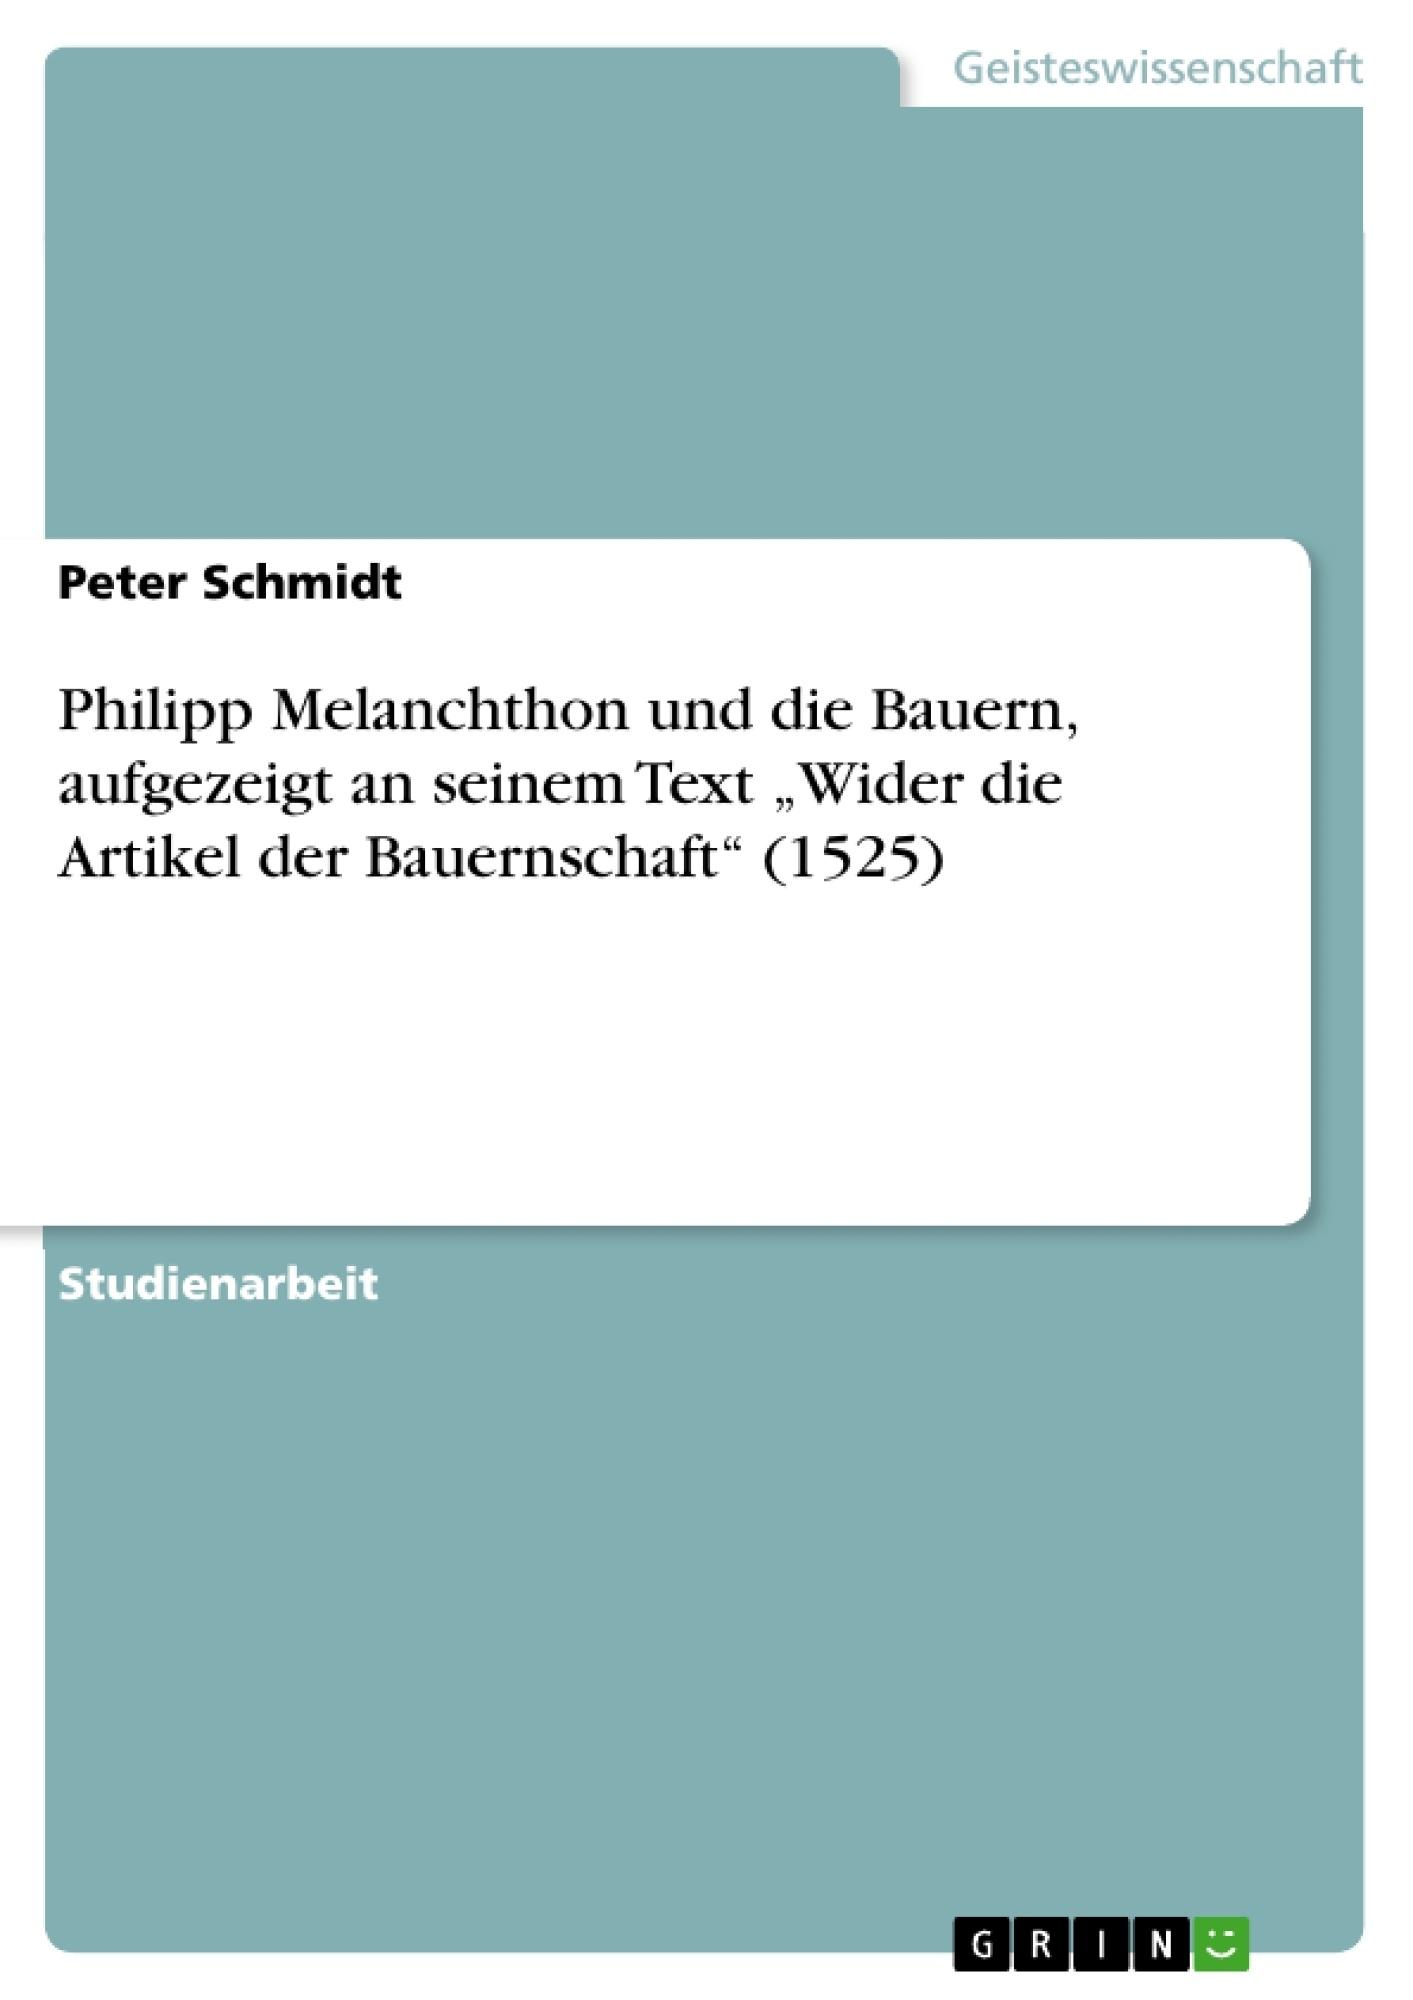 """Titel: Philipp Melanchthon und die Bauern, aufgezeigt an seinem Text """"Wider die Artikel der Bauernschaft"""" (1525)"""